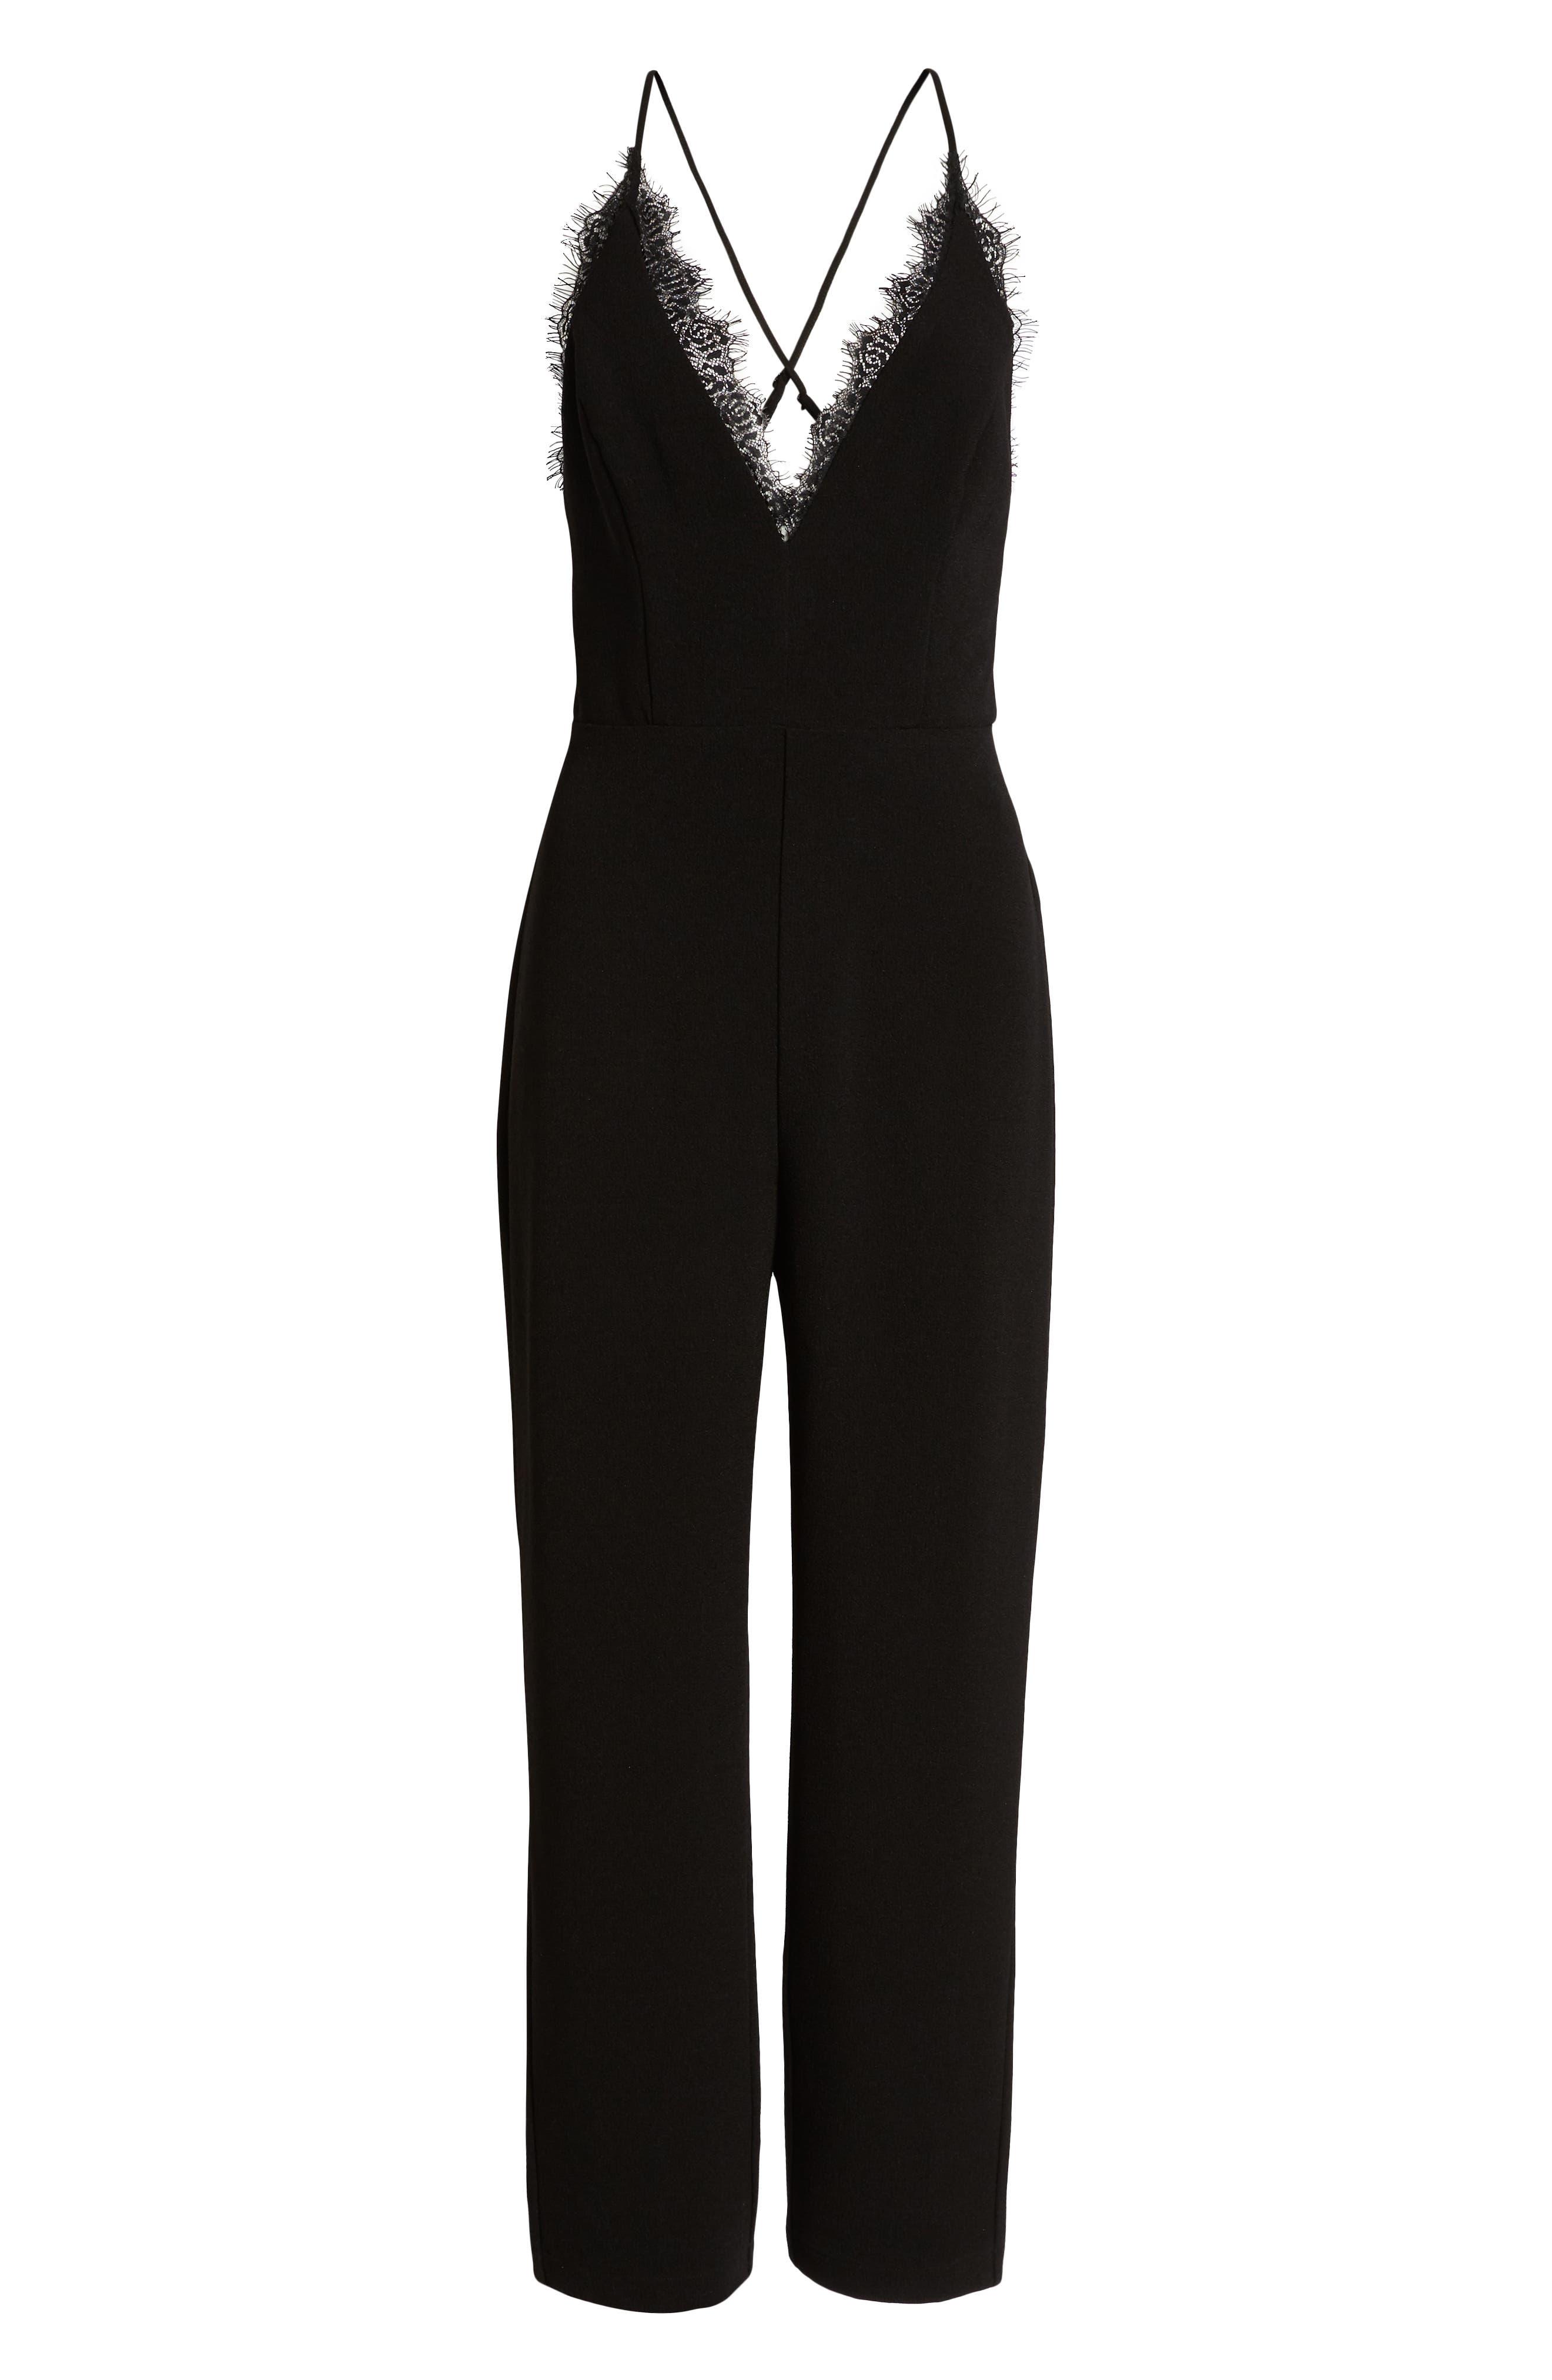 LEITH,                             Deep V-Neck Lace Trim Jumpsuit,                             Alternate thumbnail 7, color,                             BLACK